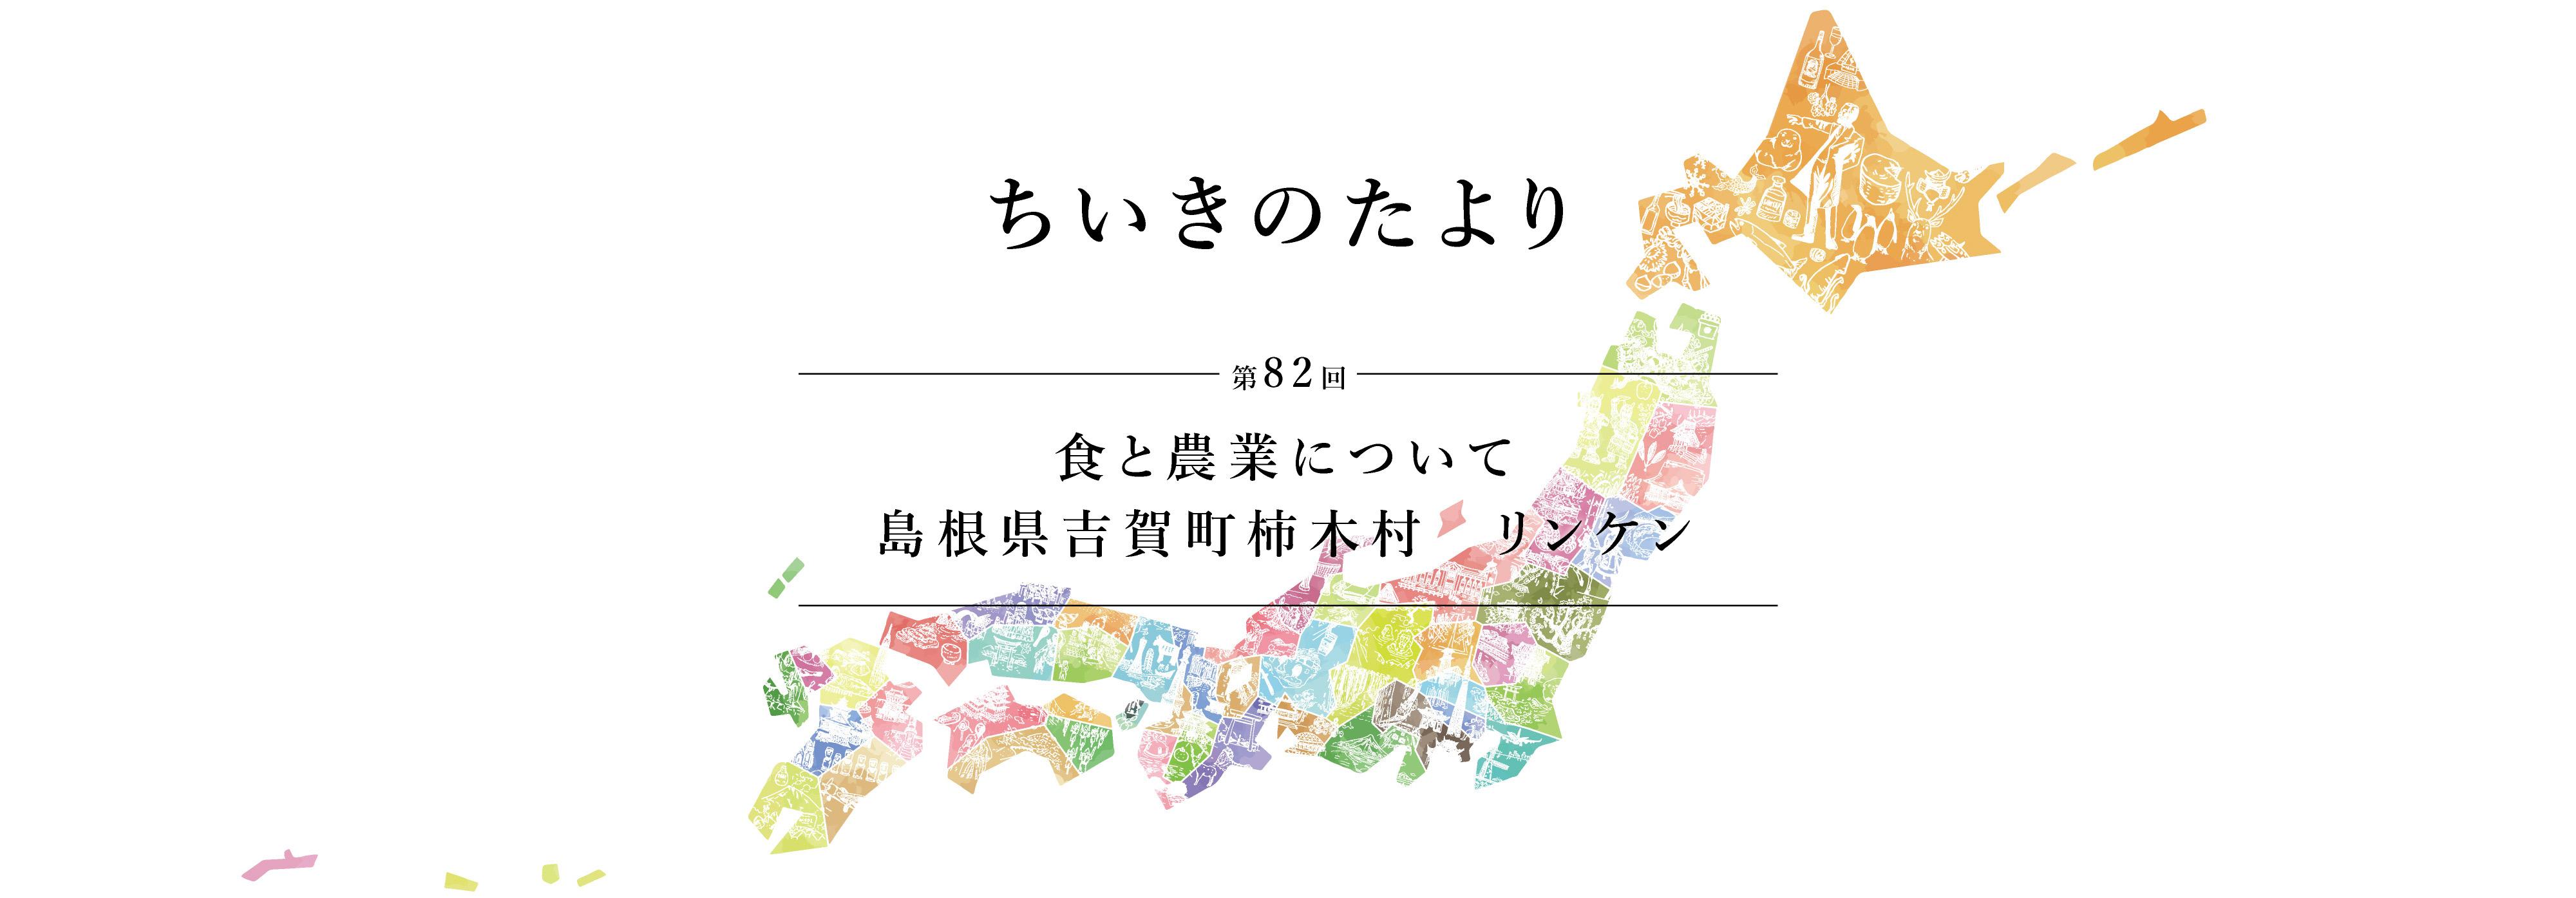 ちいきのたより第82回食と農業について  島根県吉賀町柿木村 リンケン